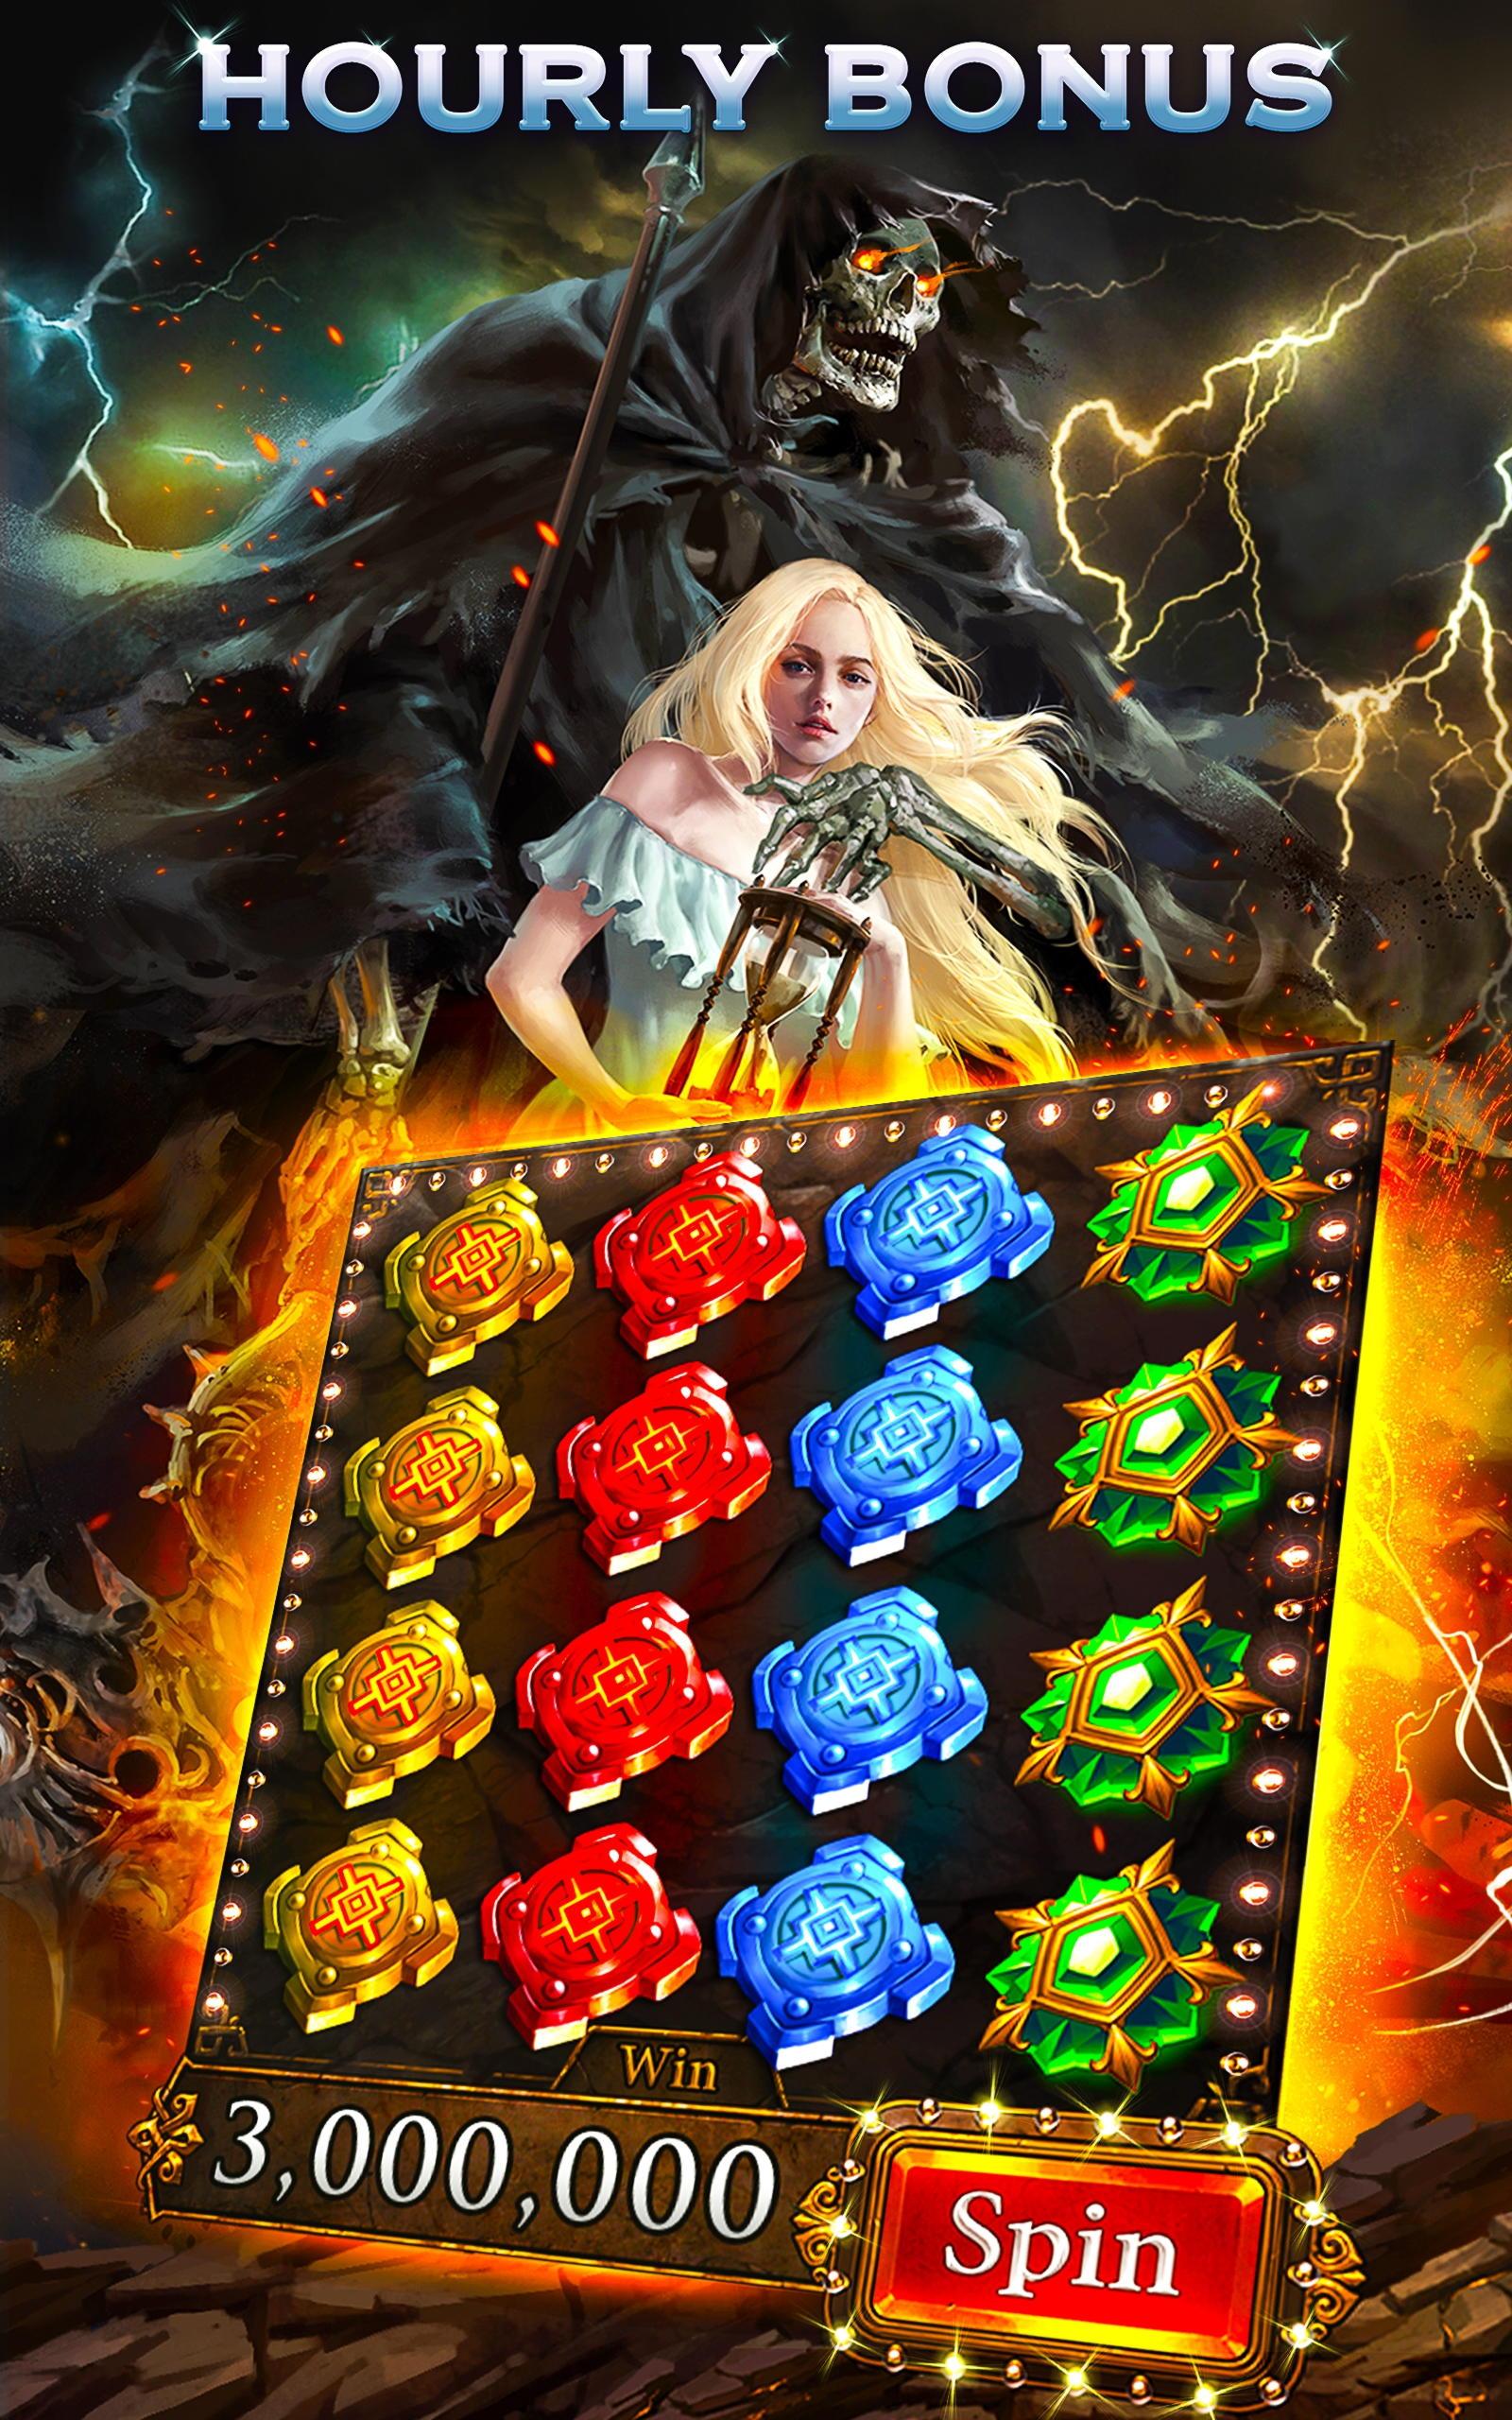 290 SPIN PERCUMA di Bingo Besties